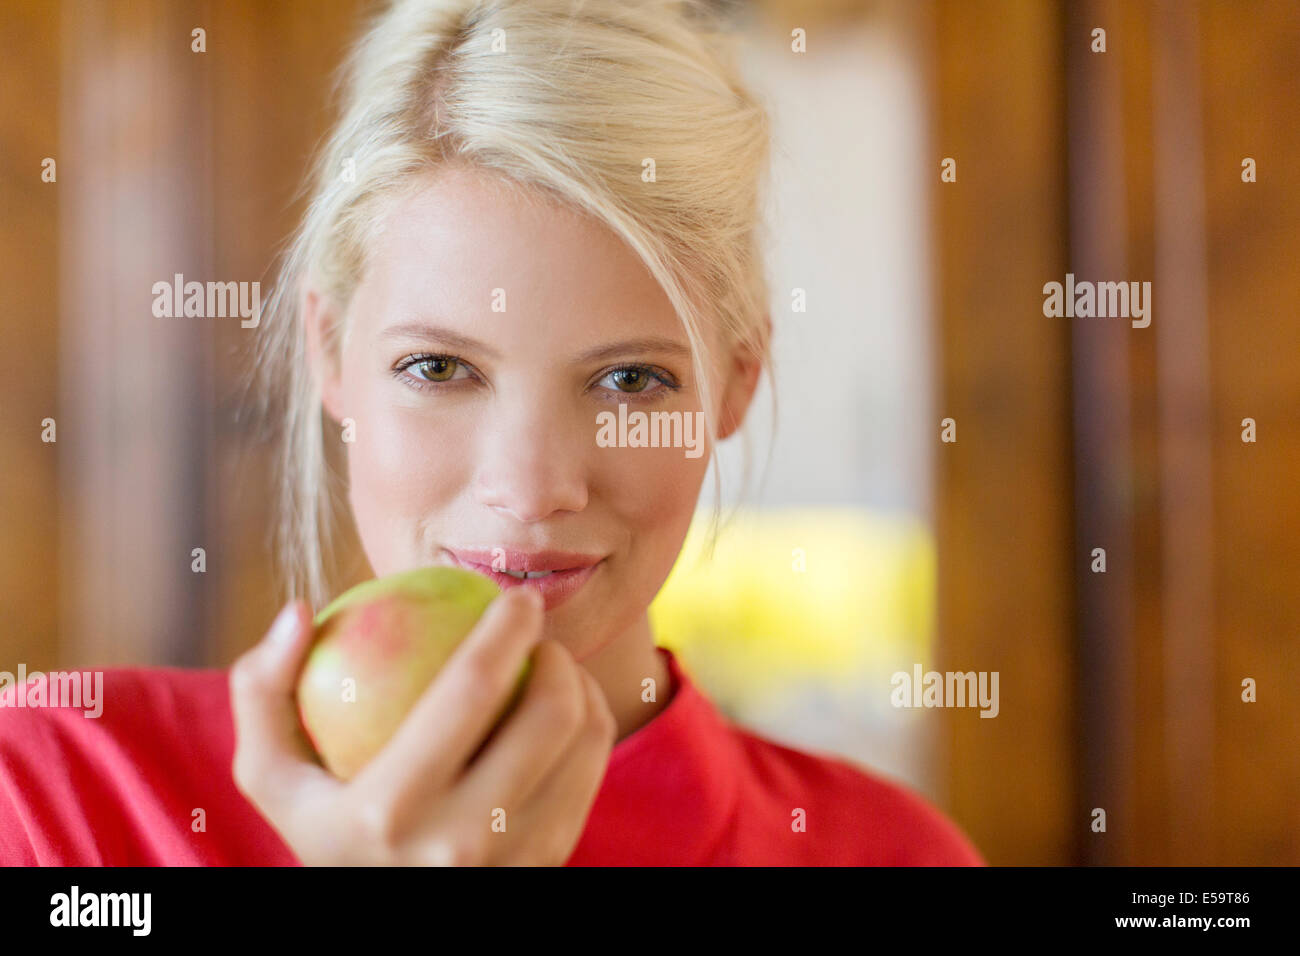 Frau zu essen Apfel im Innenbereich Stockbild